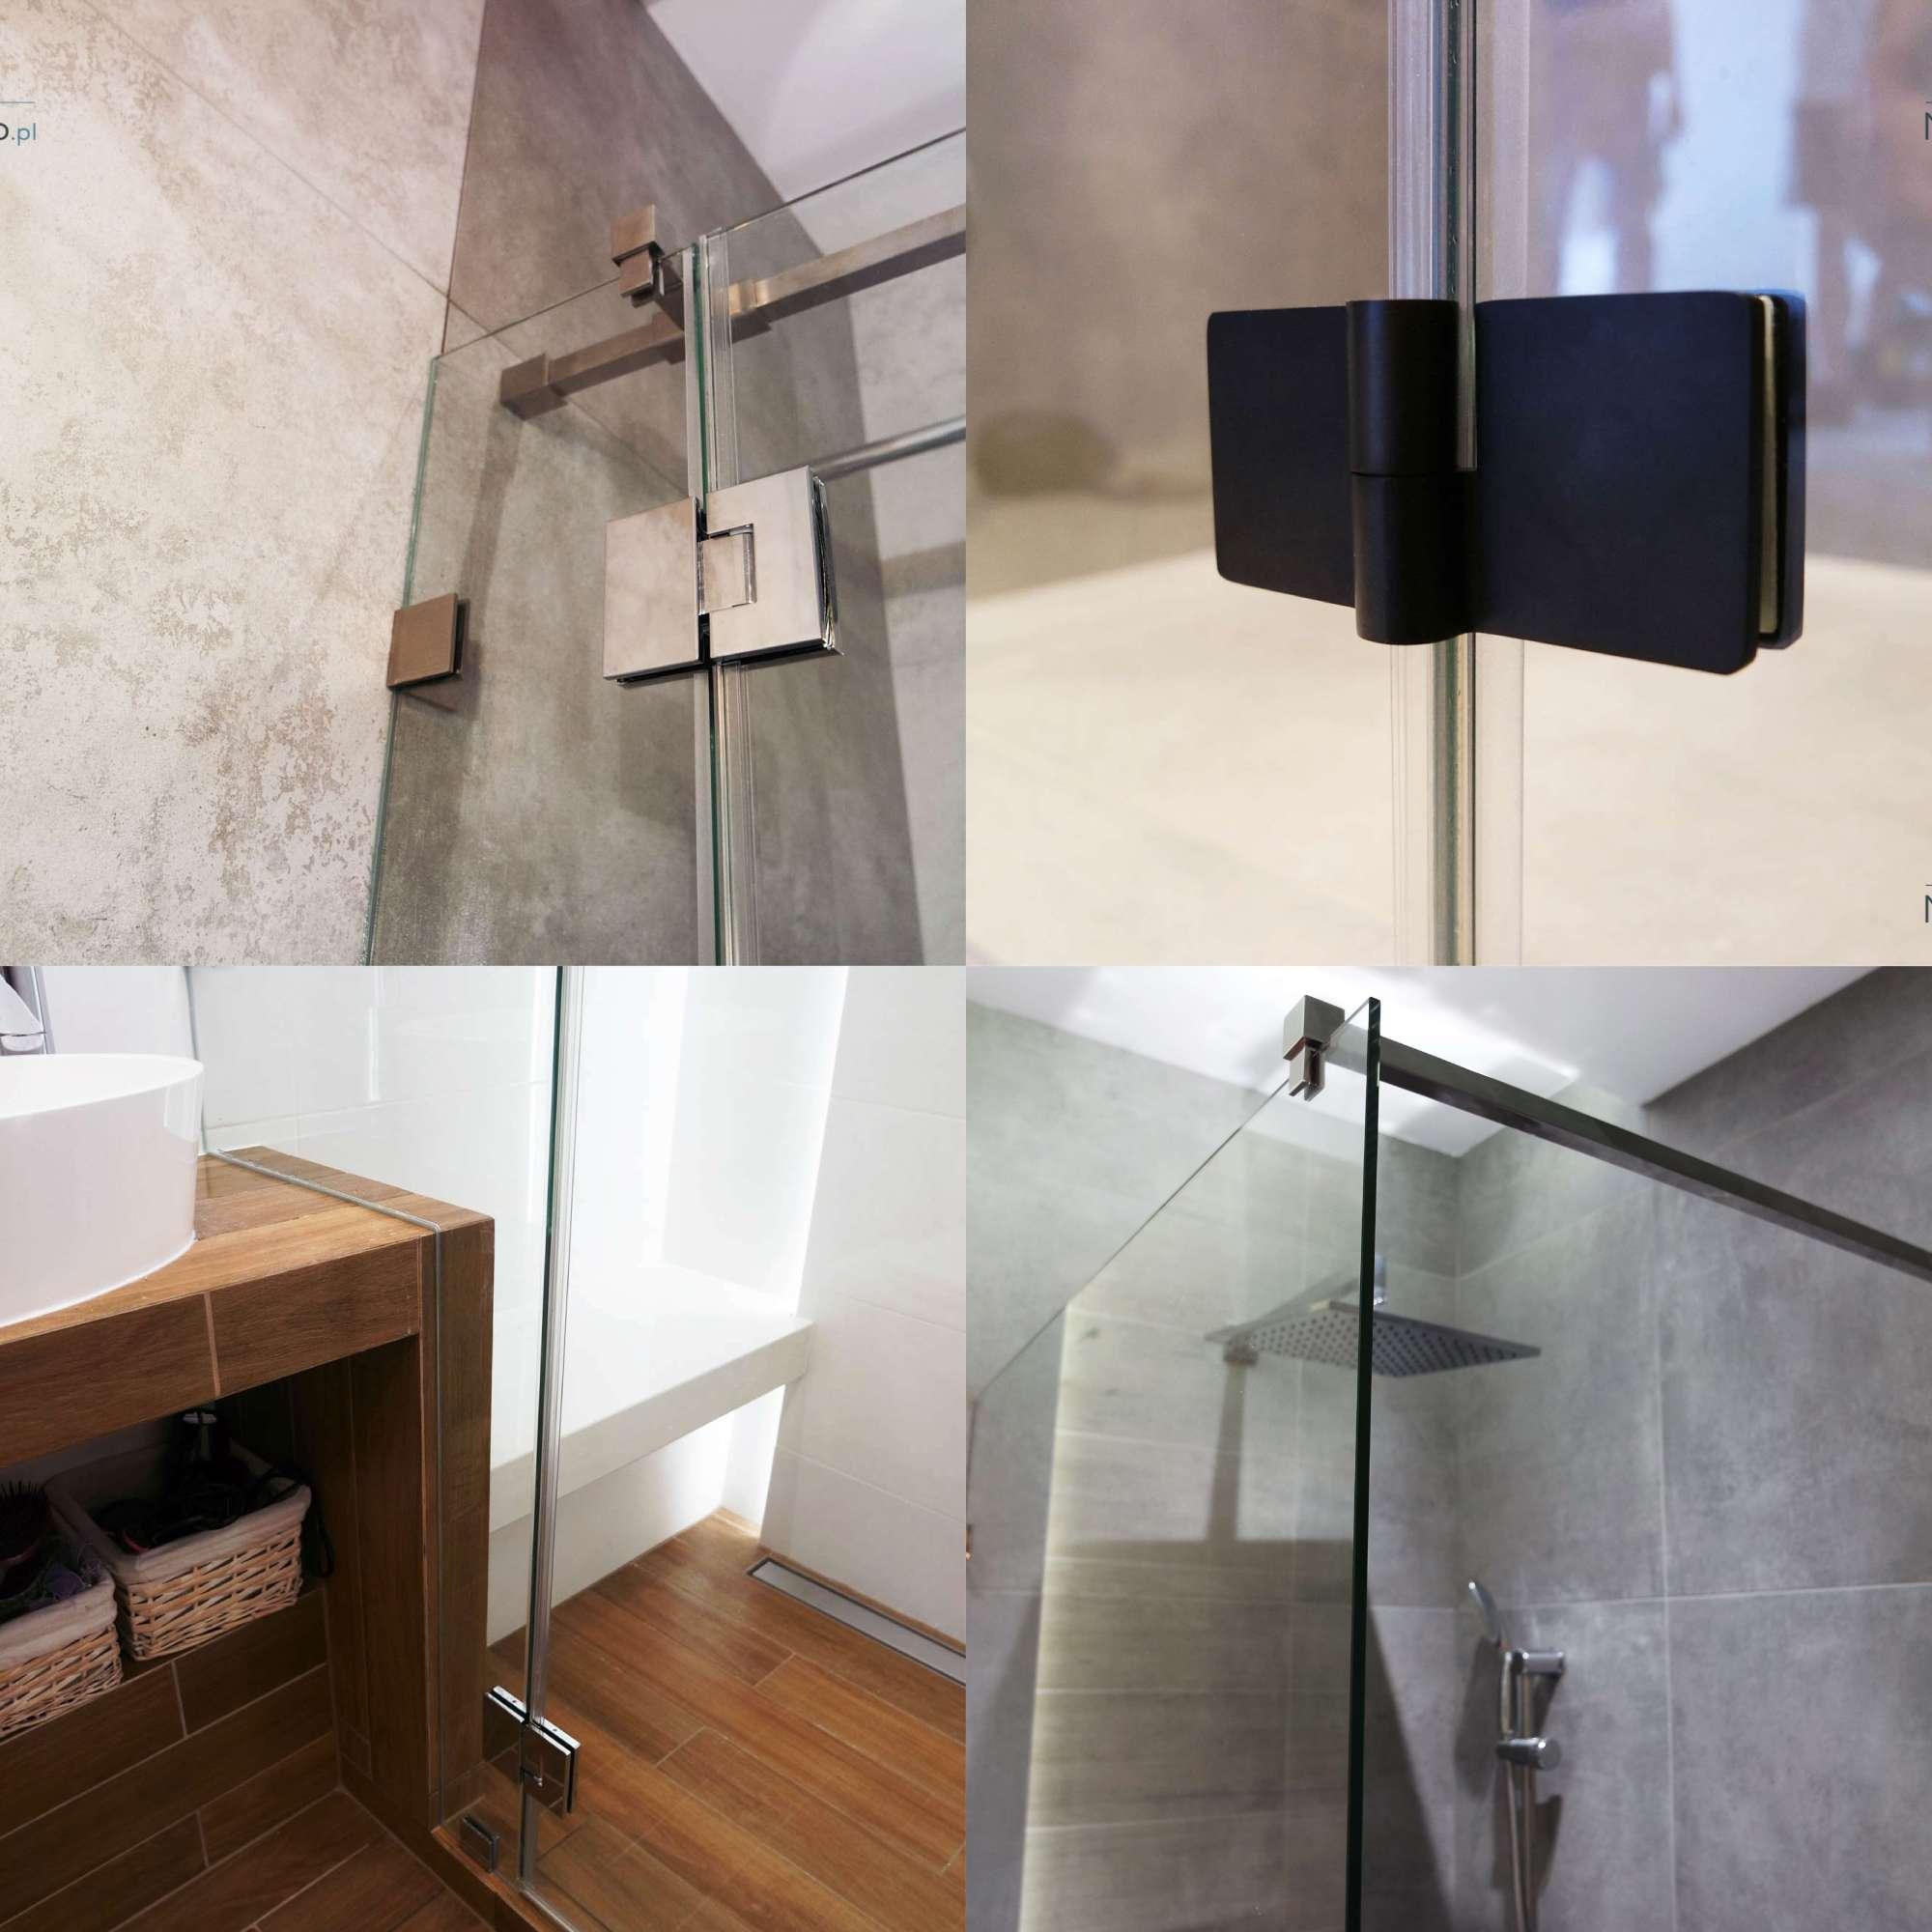 Kabiny Prysznicowe Na Wymiar Rodzaje 1 - Kabiny prysznicowe na wymiar | Rodzaje kabin